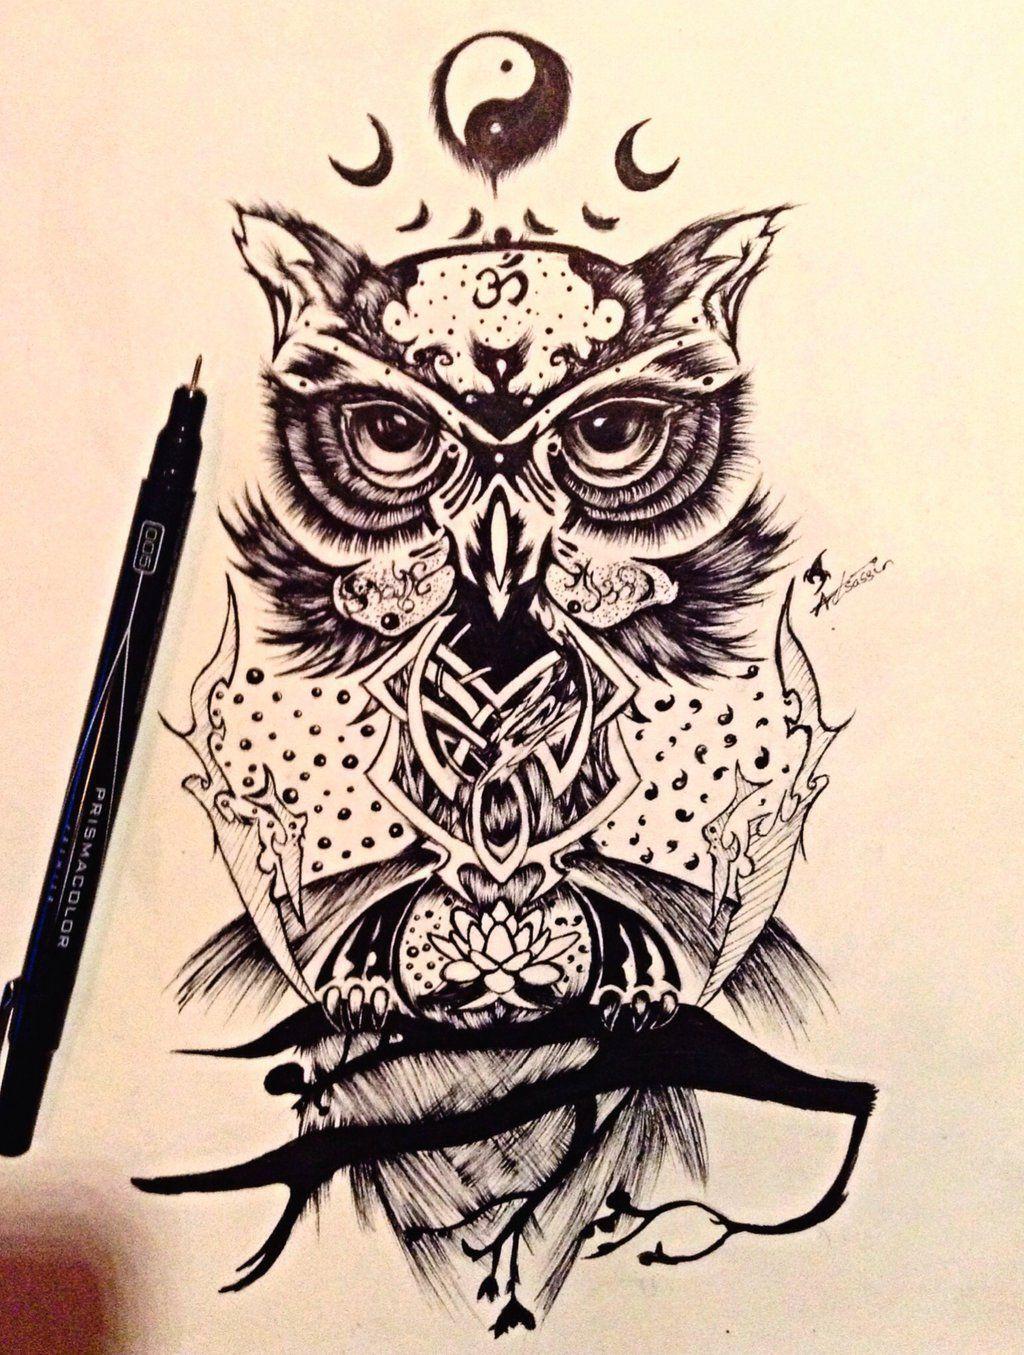 wise owl design by on deviantart owls hoo hoo pinterest. Black Bedroom Furniture Sets. Home Design Ideas